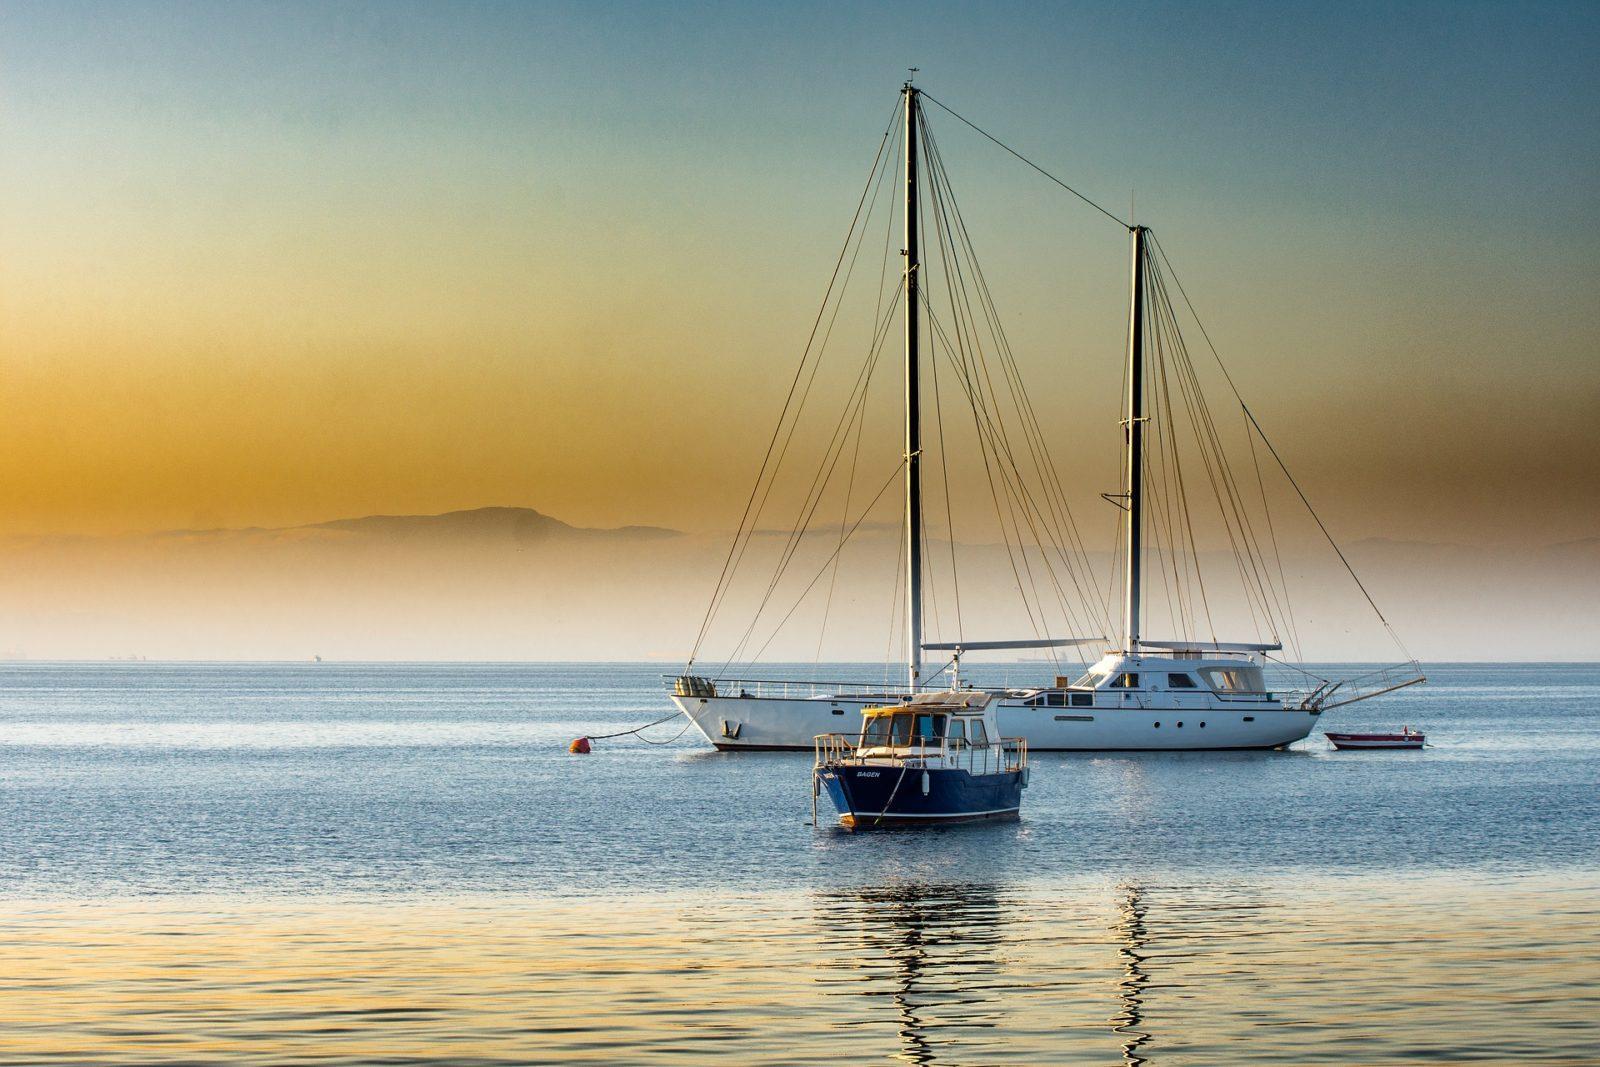 Køber guide: Bådtjek fra en bådkonsulent kan være guld værd